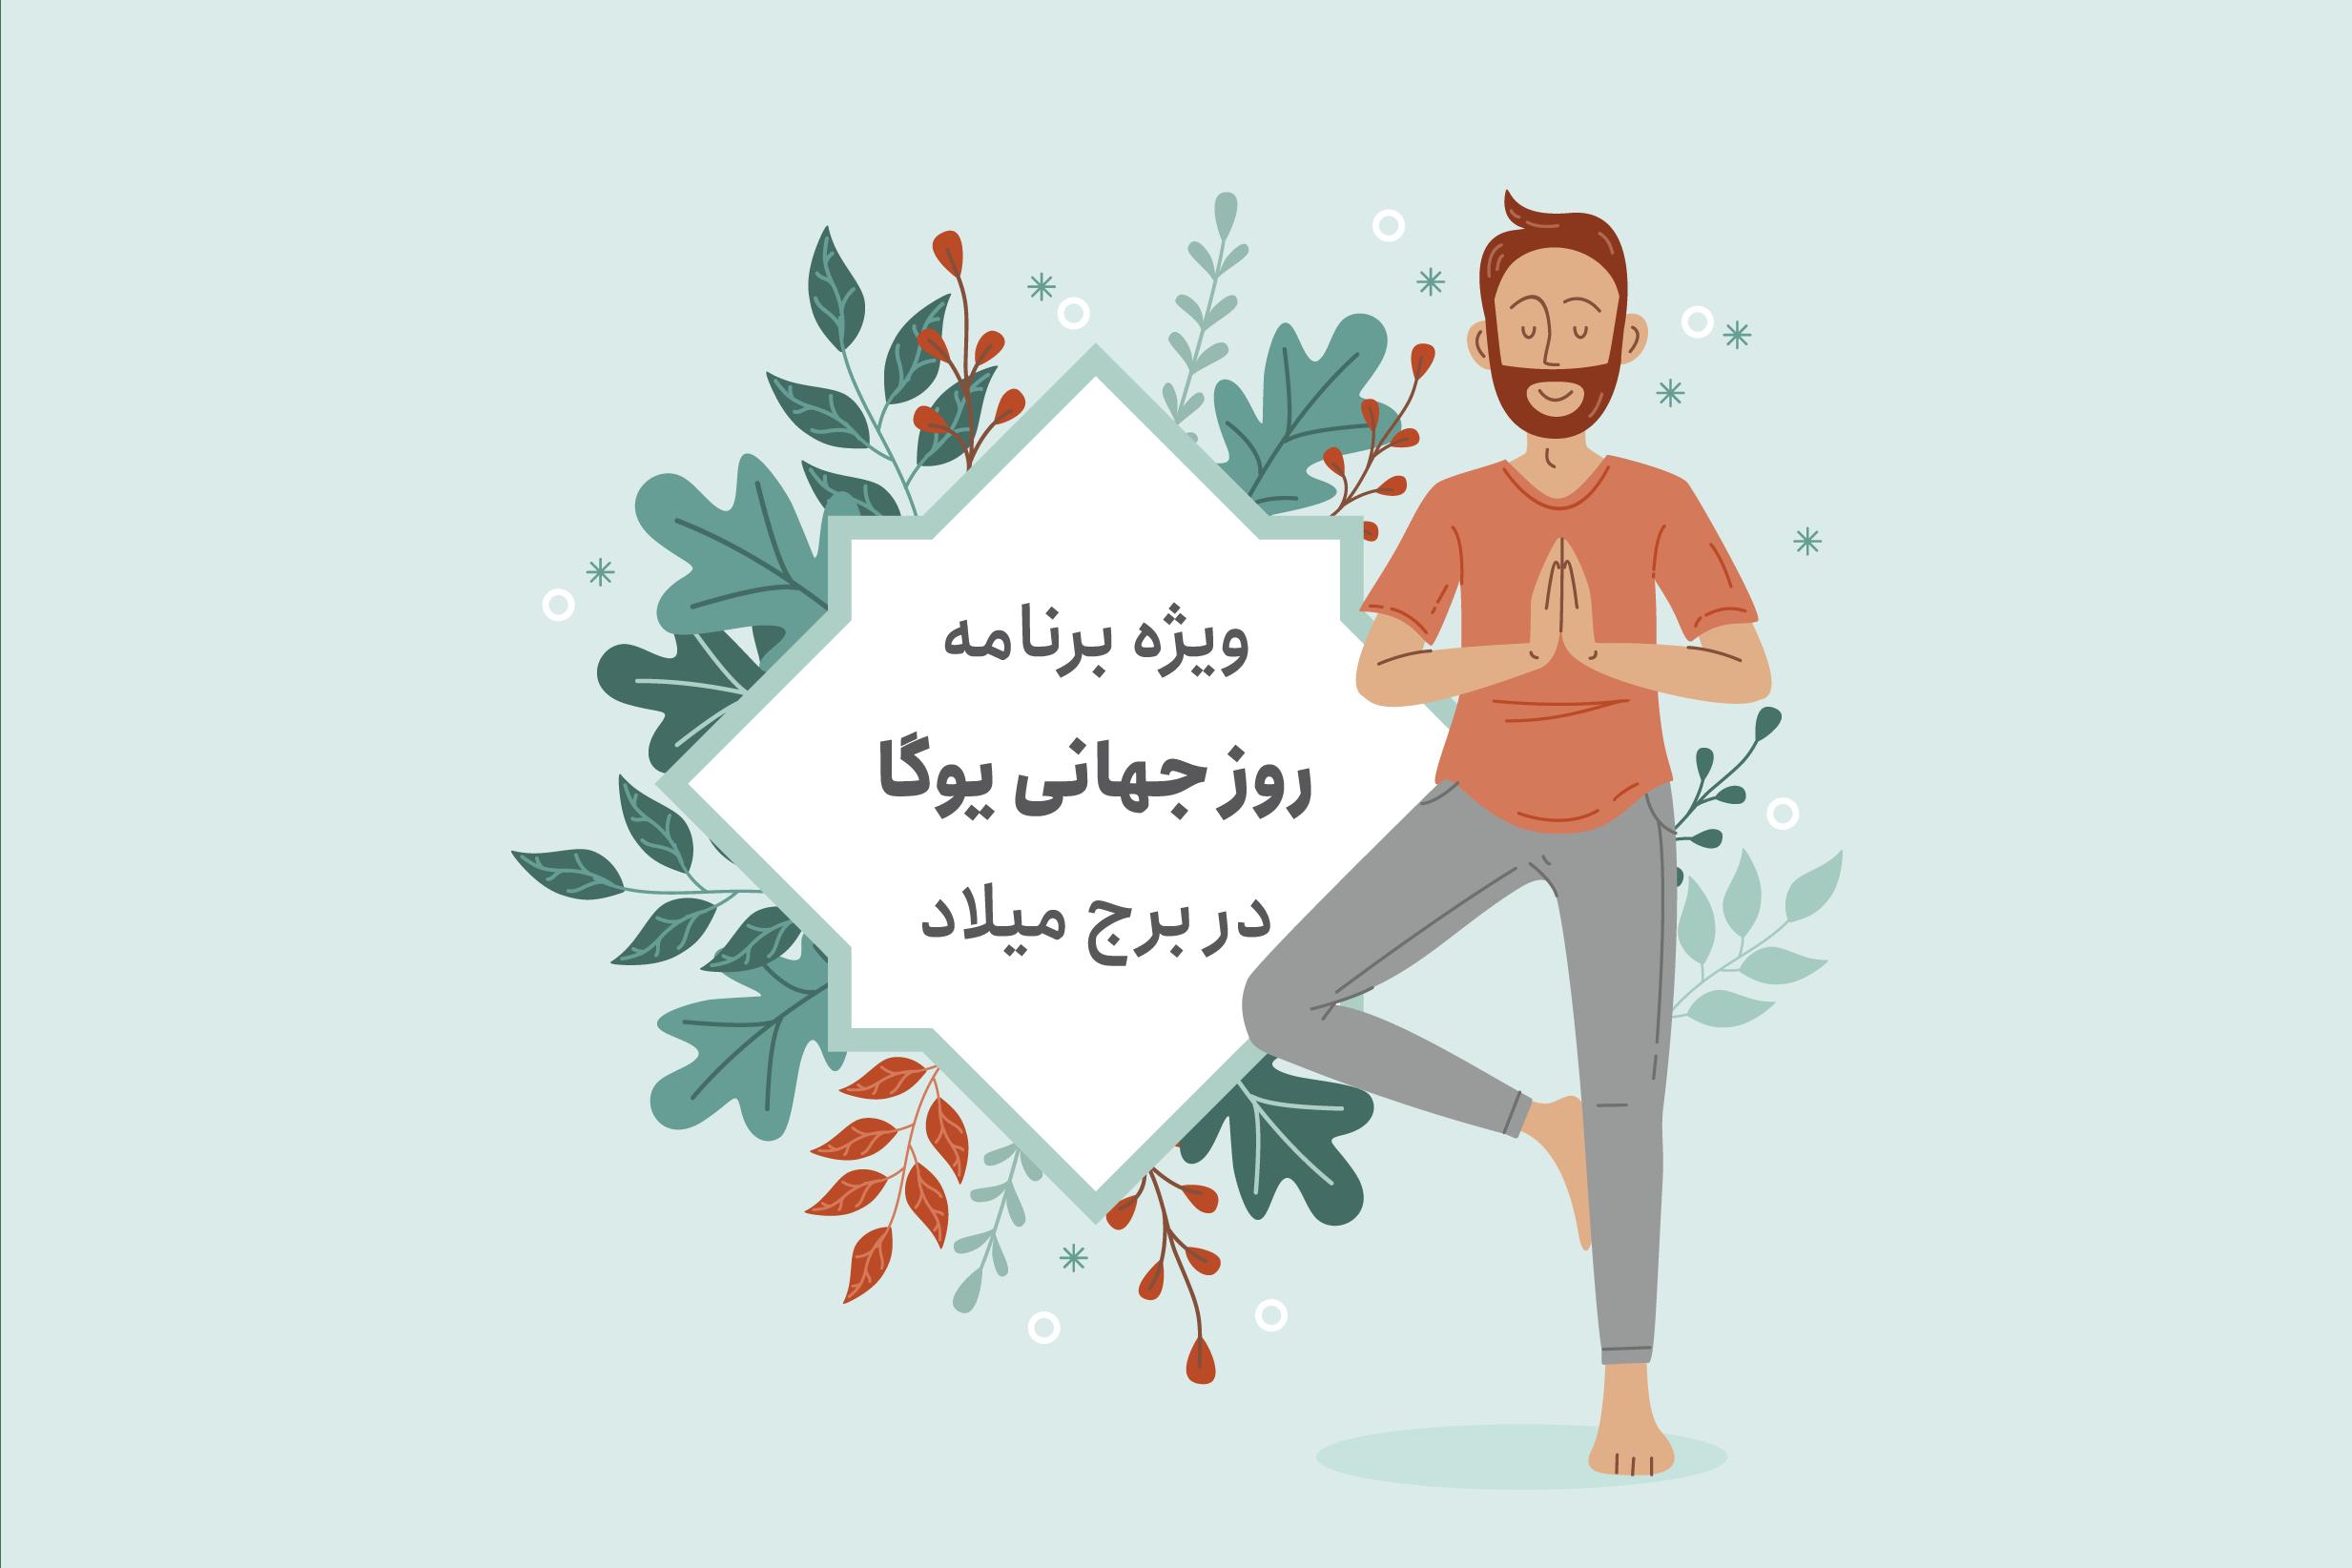 سایت-جامع-یوگا-ایران-اخبار-روز-جهانی-یوگا-در-ایران